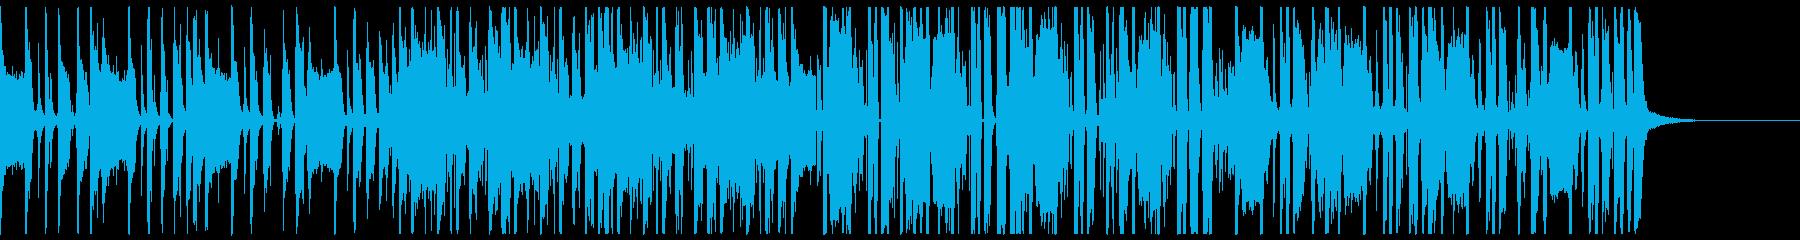 スローな四つ打ちの再生済みの波形